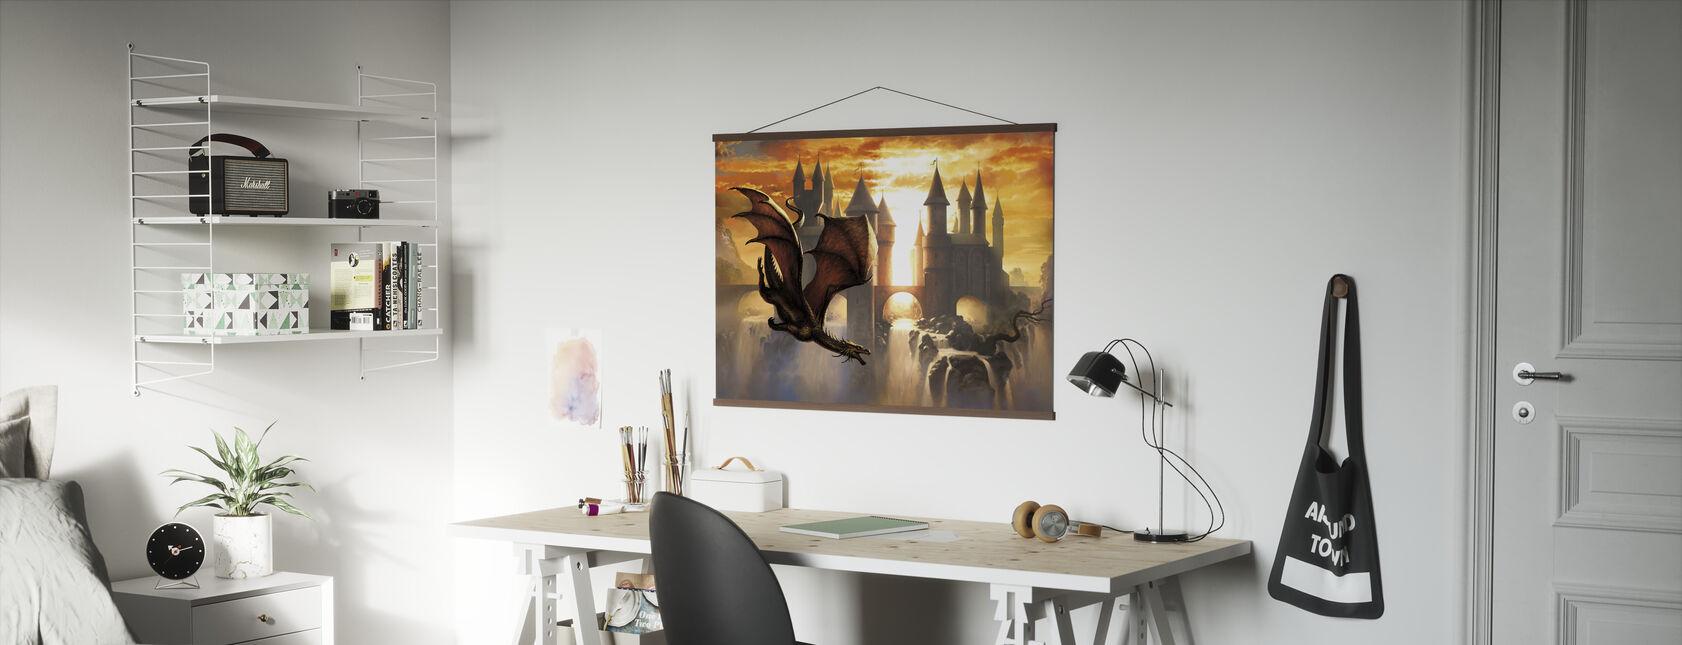 Sunset drage - Plakat - Kontor